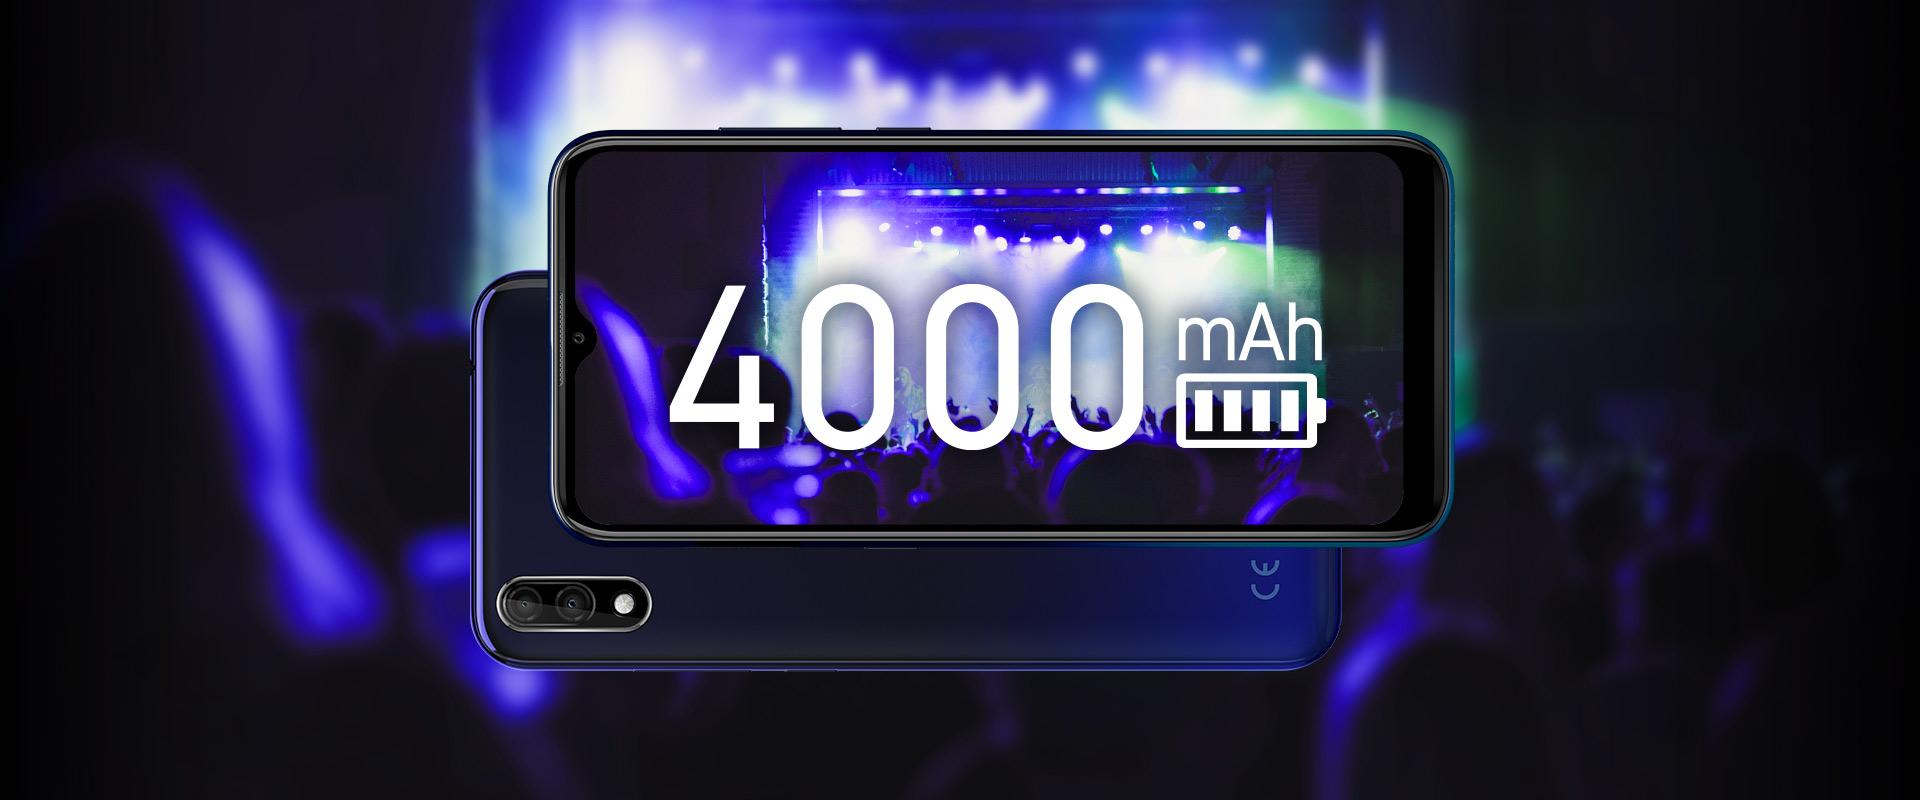 Animação de carregamento da bateria até 4000mAh